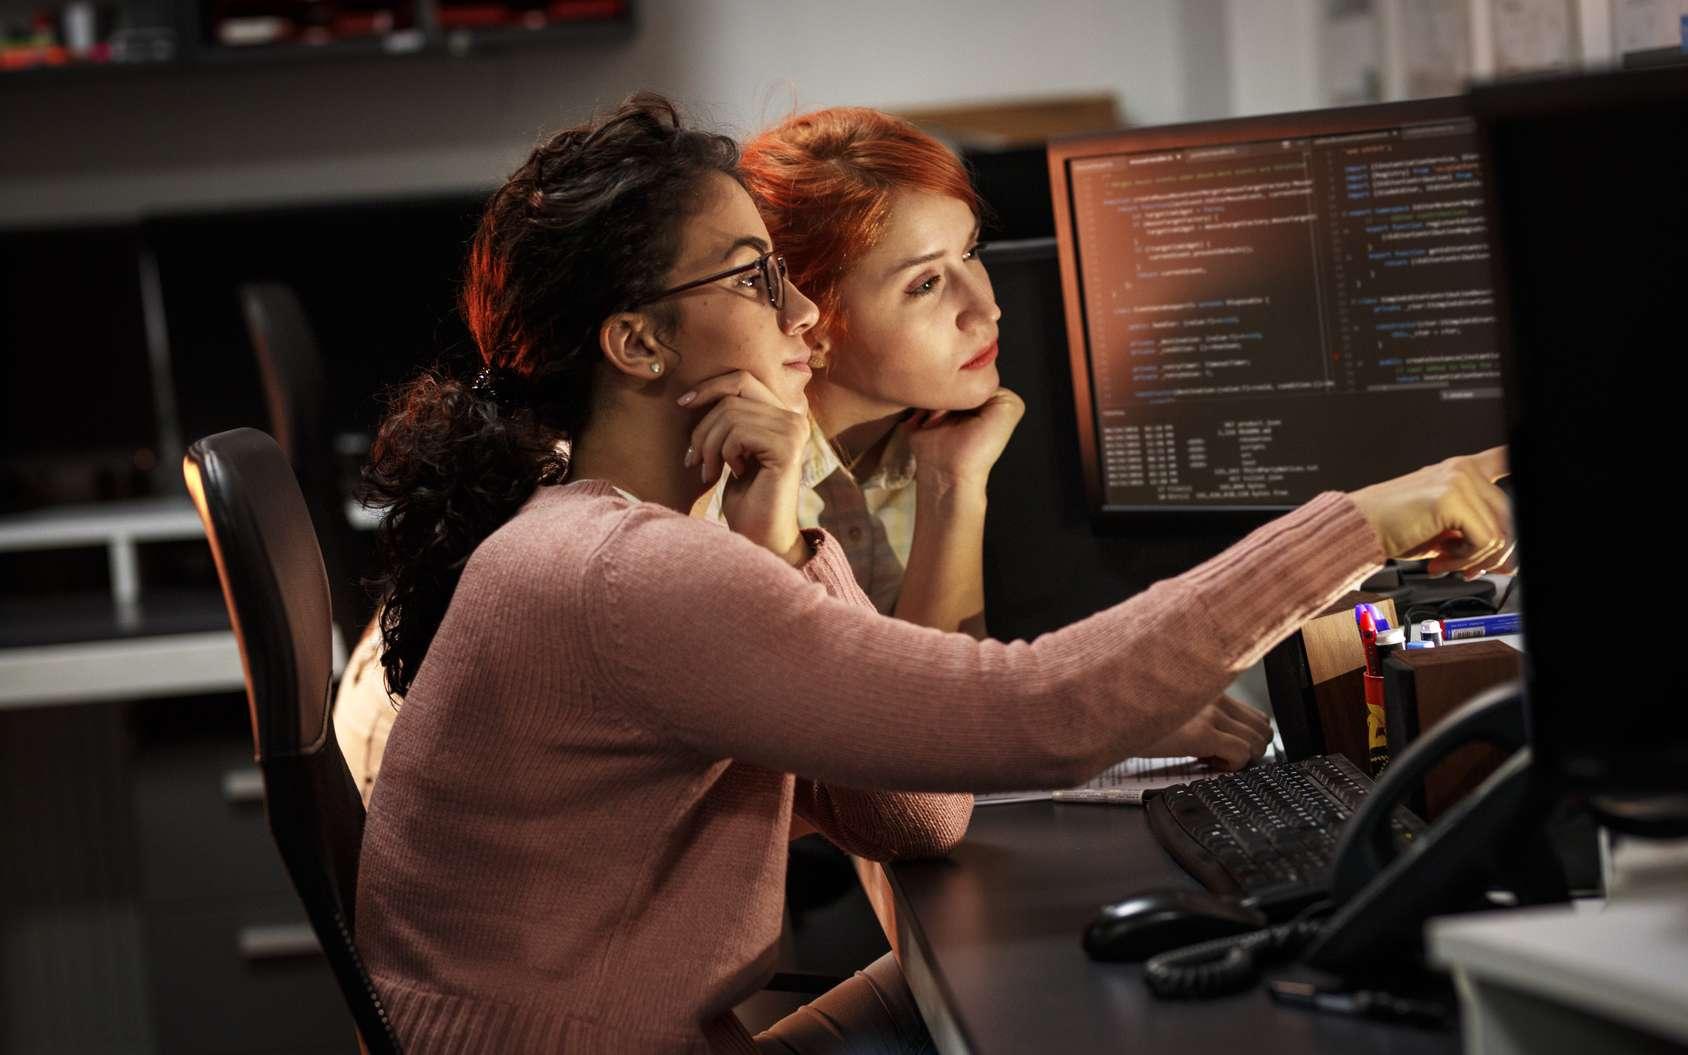 http://bit.ly/2Rmz9QILe métier de développeur est délaissé par les jeunes filles. Lucile, jeune ingénieure travaillant sur la conception visuelle des produits, nous explique son parcours d'études et son métier au sein de la compagnie américaine IBM. © Illustration : SolisImages, Fotolia